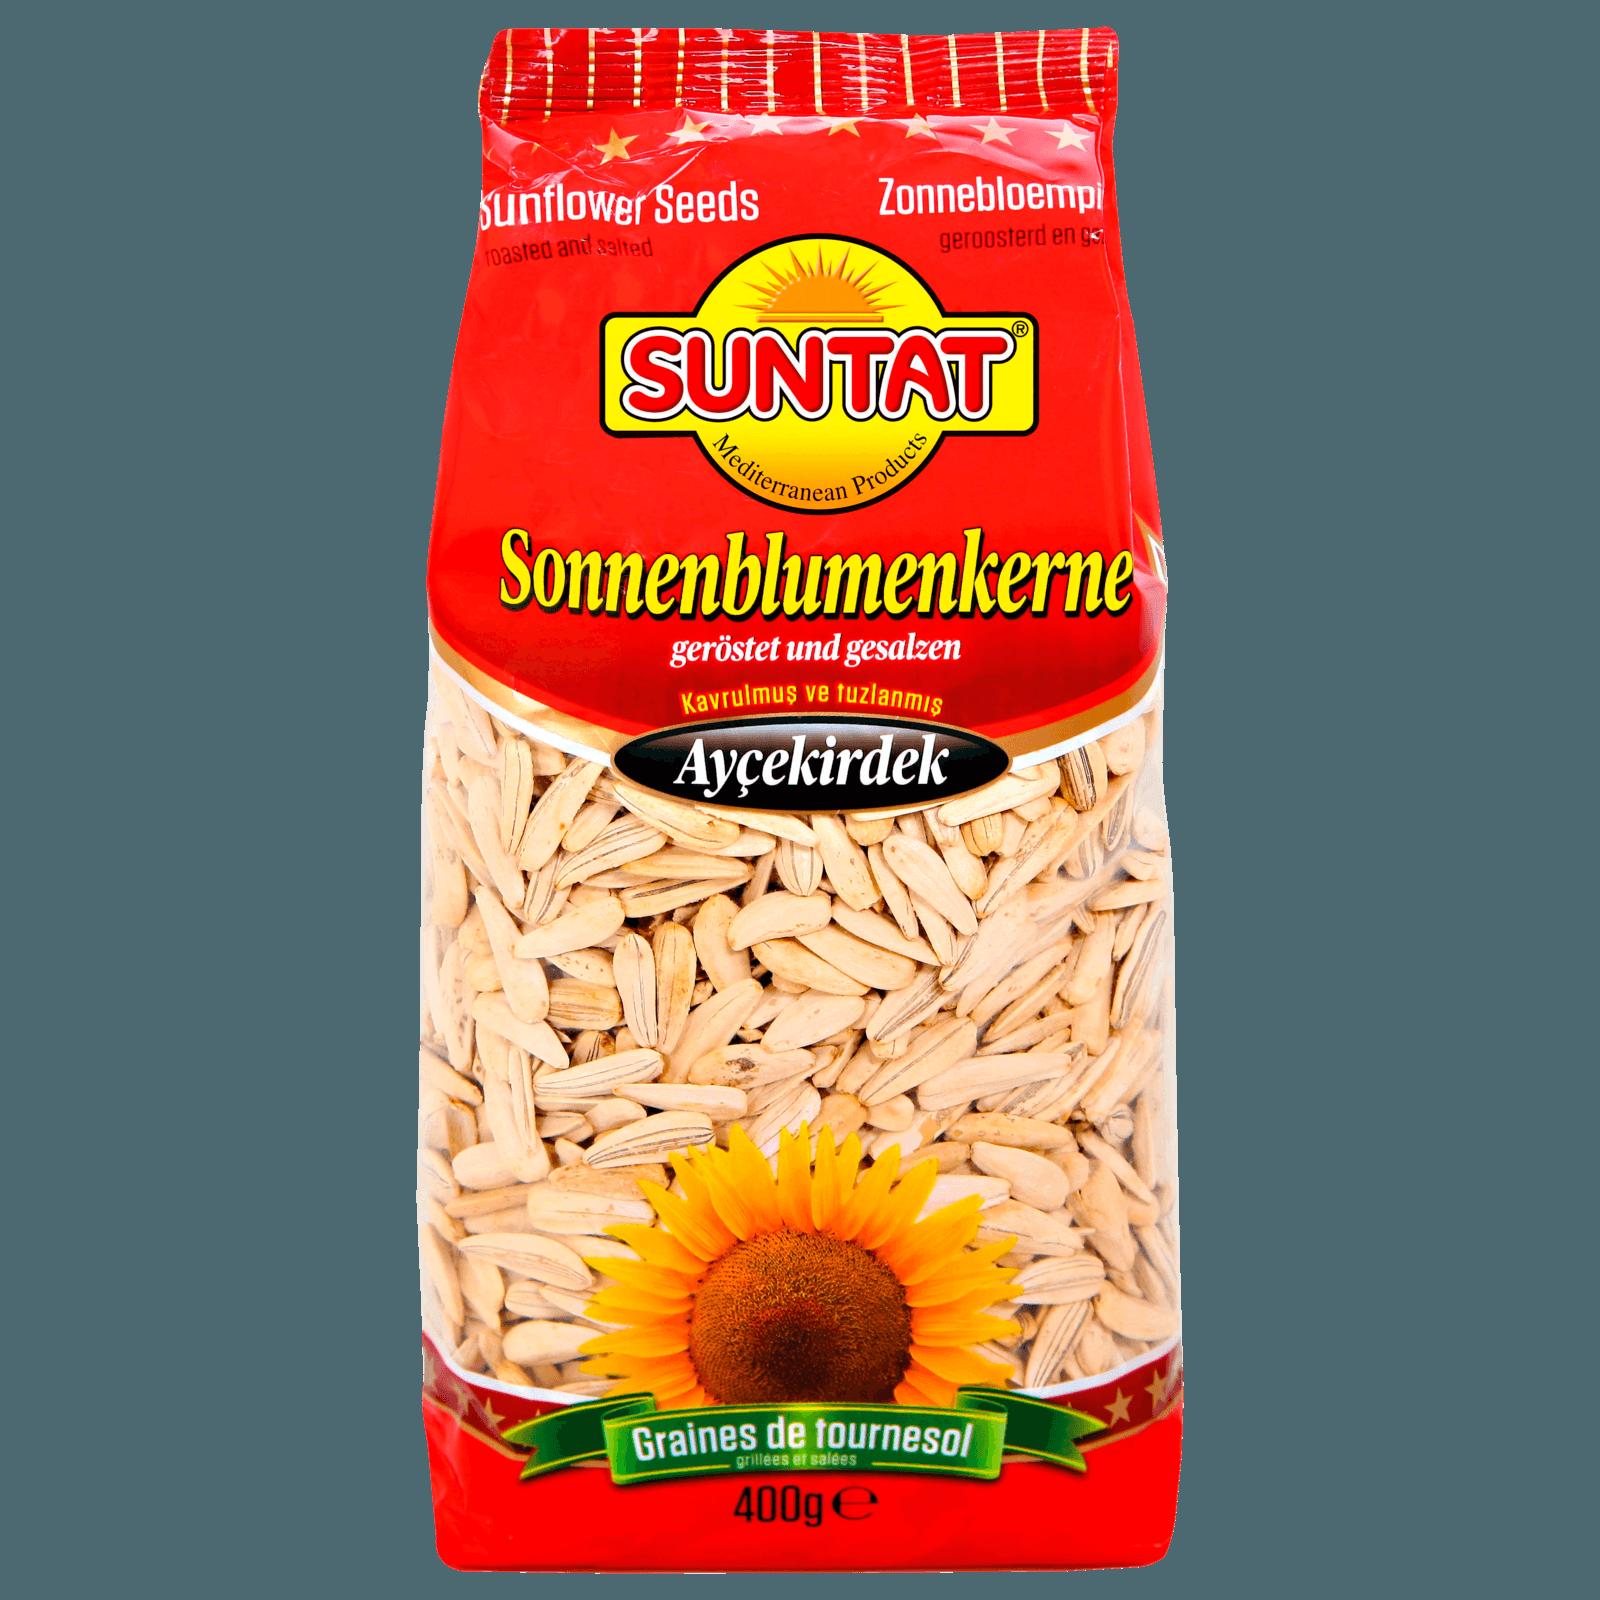 Suntat Sonnenblumenkerne gesalzen 400g